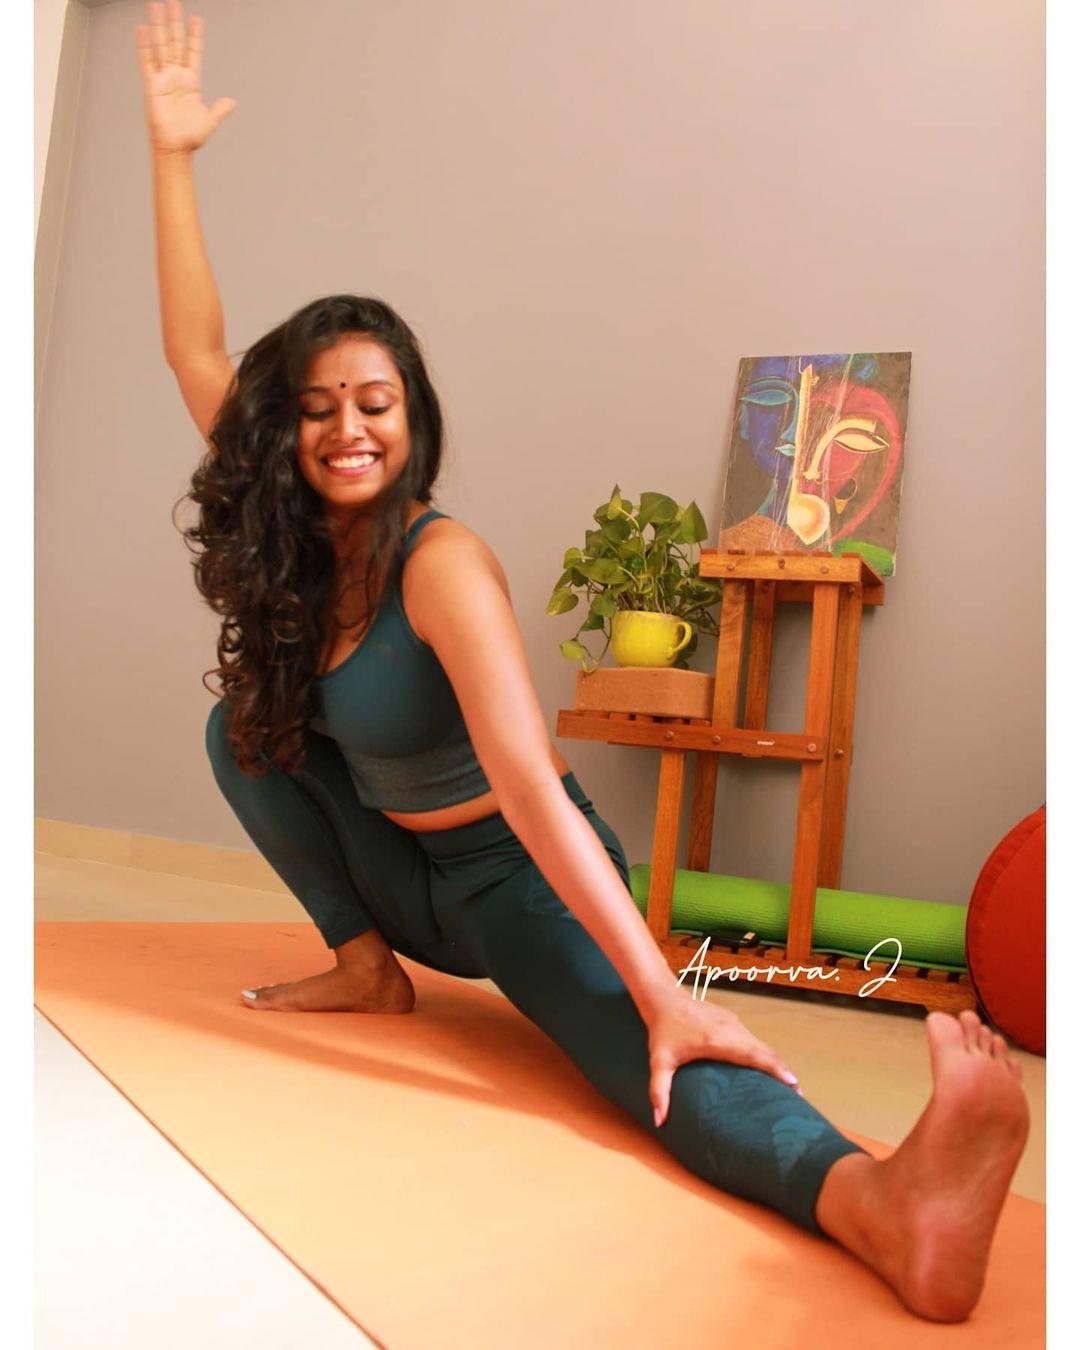 Instagram star Apoorva Jayarajan Photo Gallery (17)